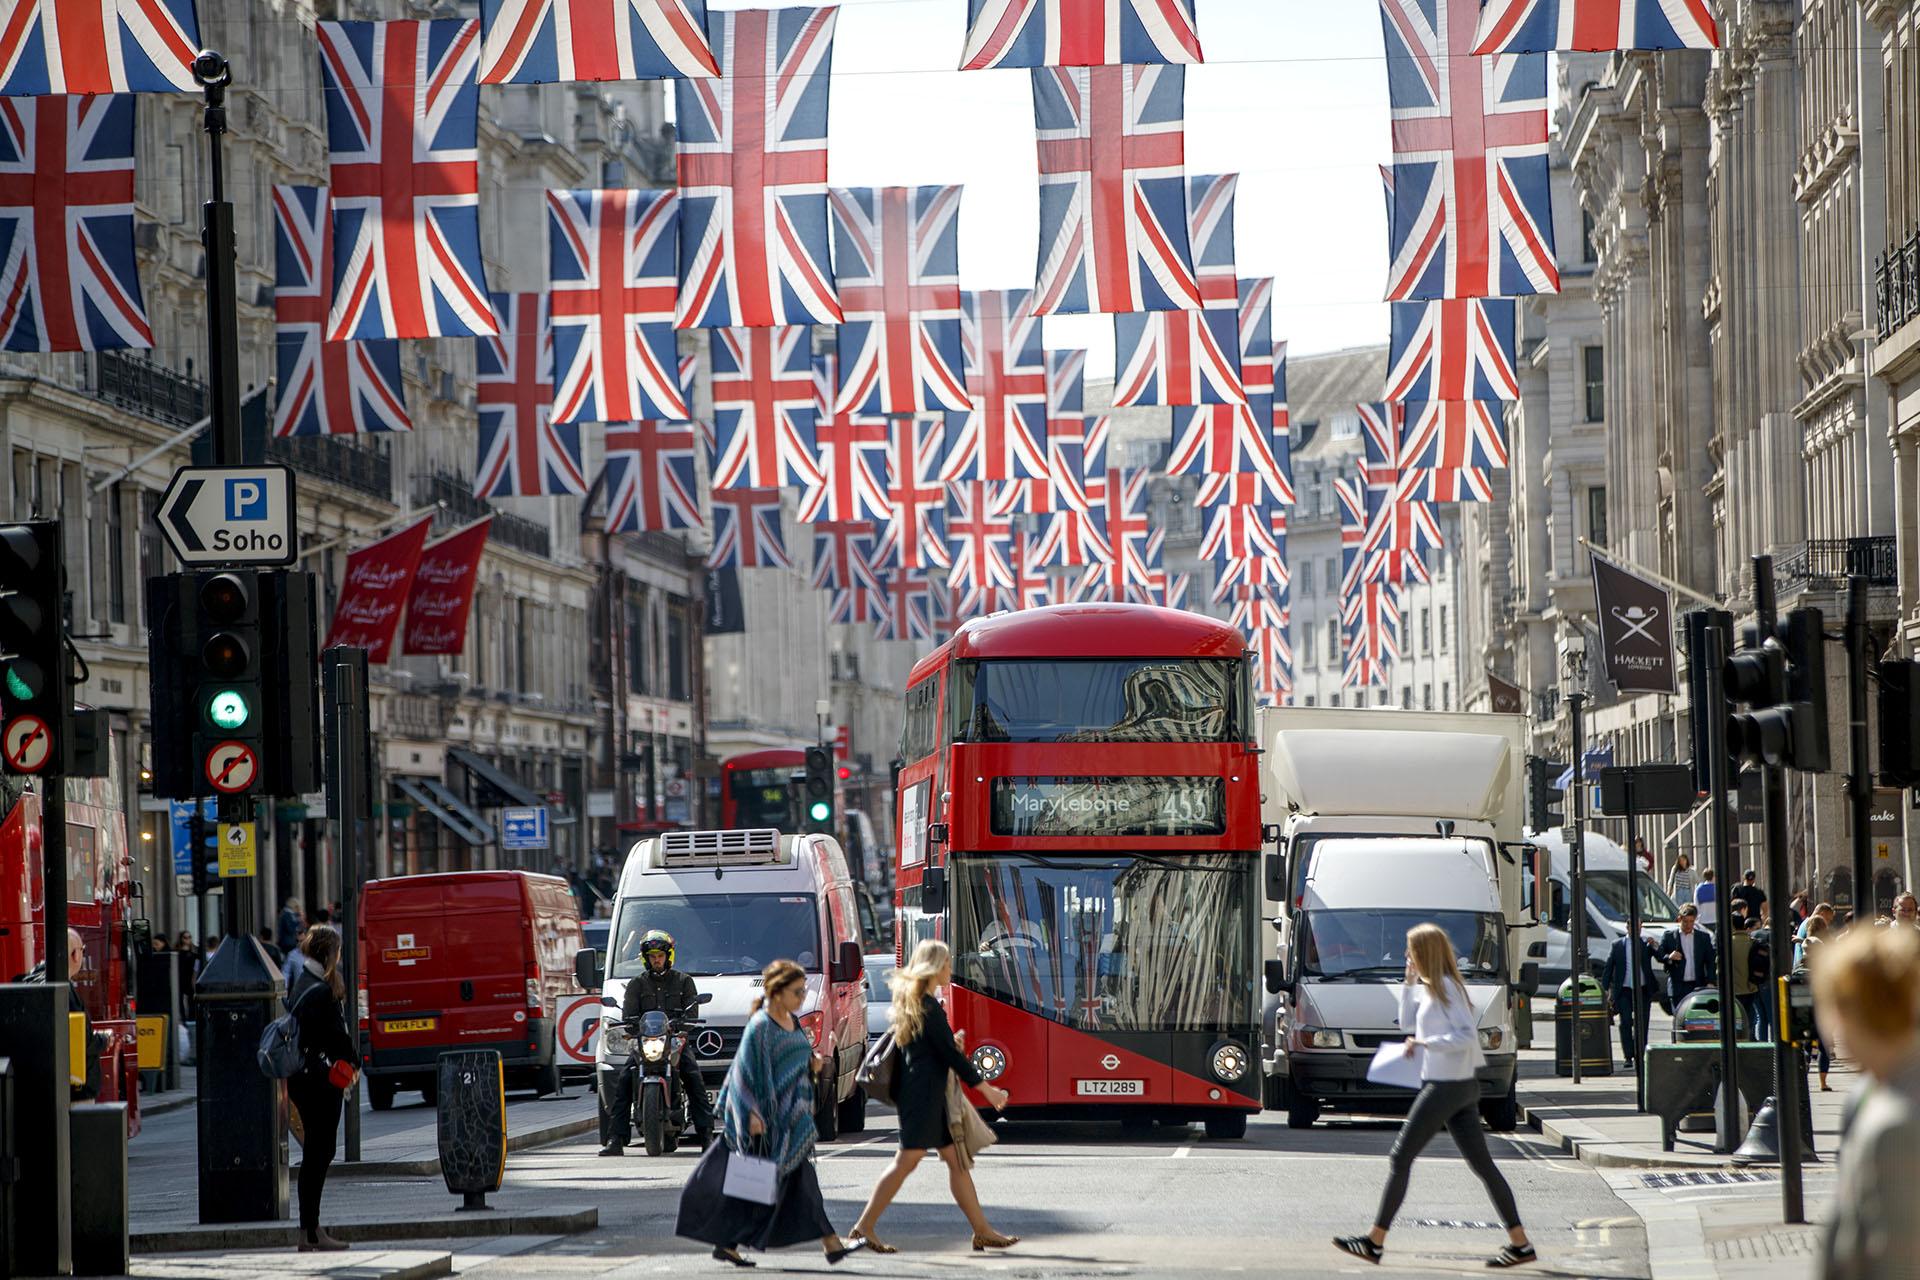 El centro de la ciudad ya está decorado con banderolas y pancartas ceremoniales